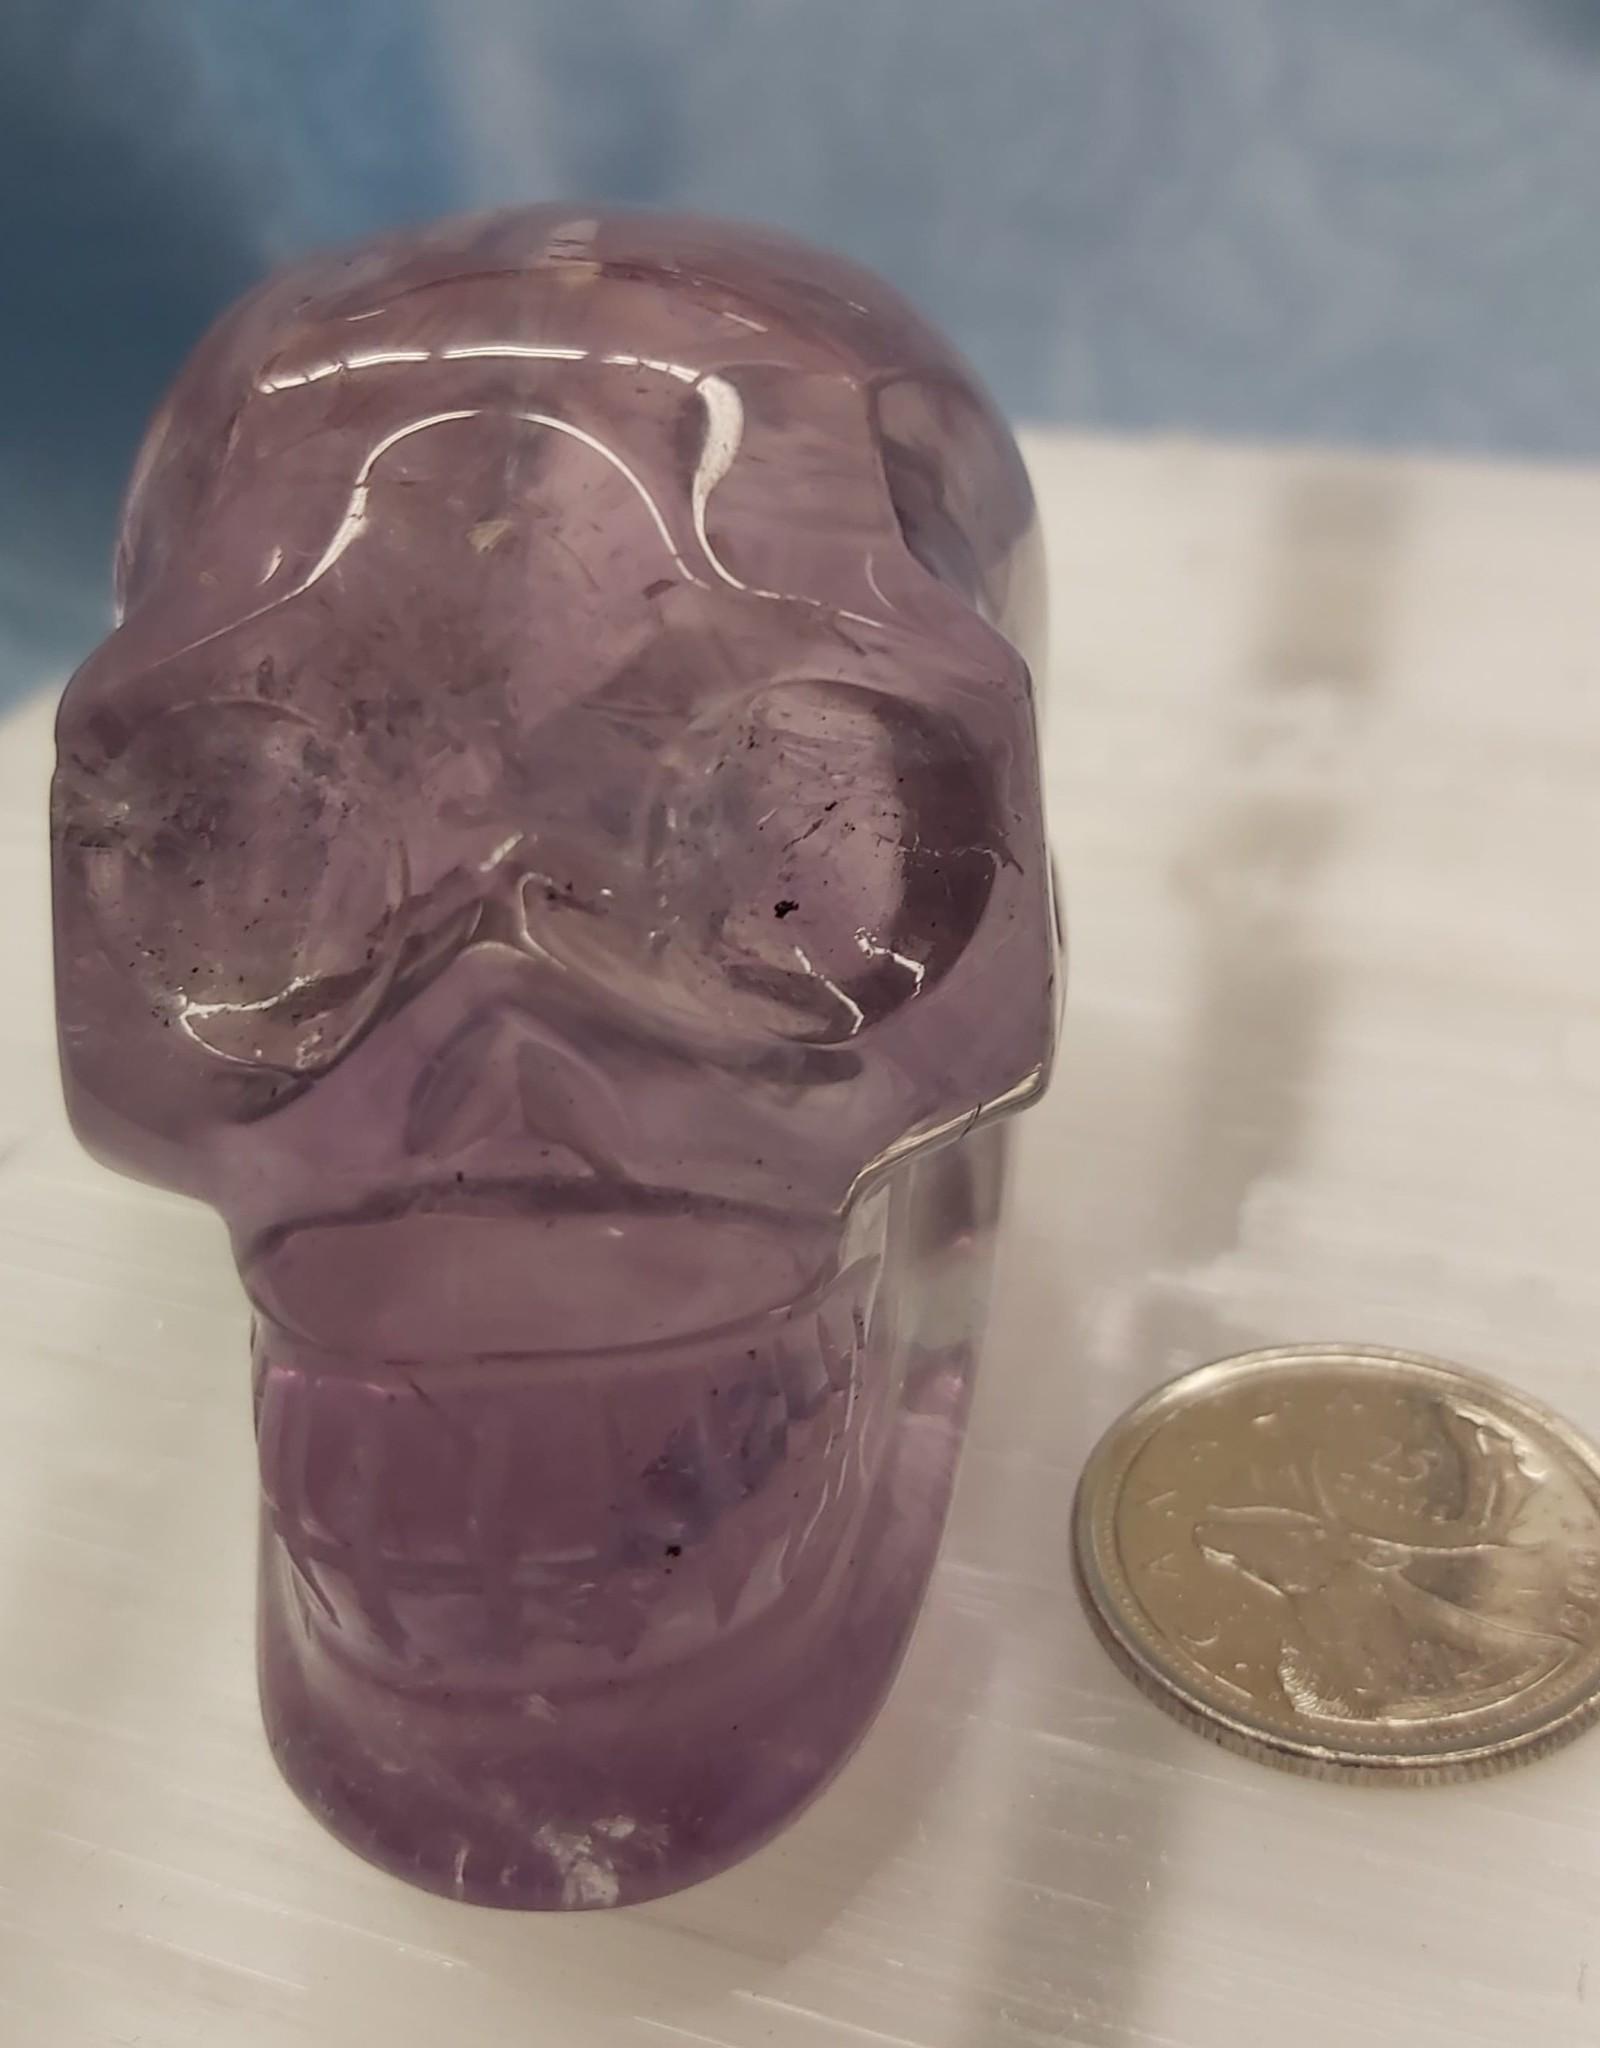 Amethyst Skull 2.75in - $79